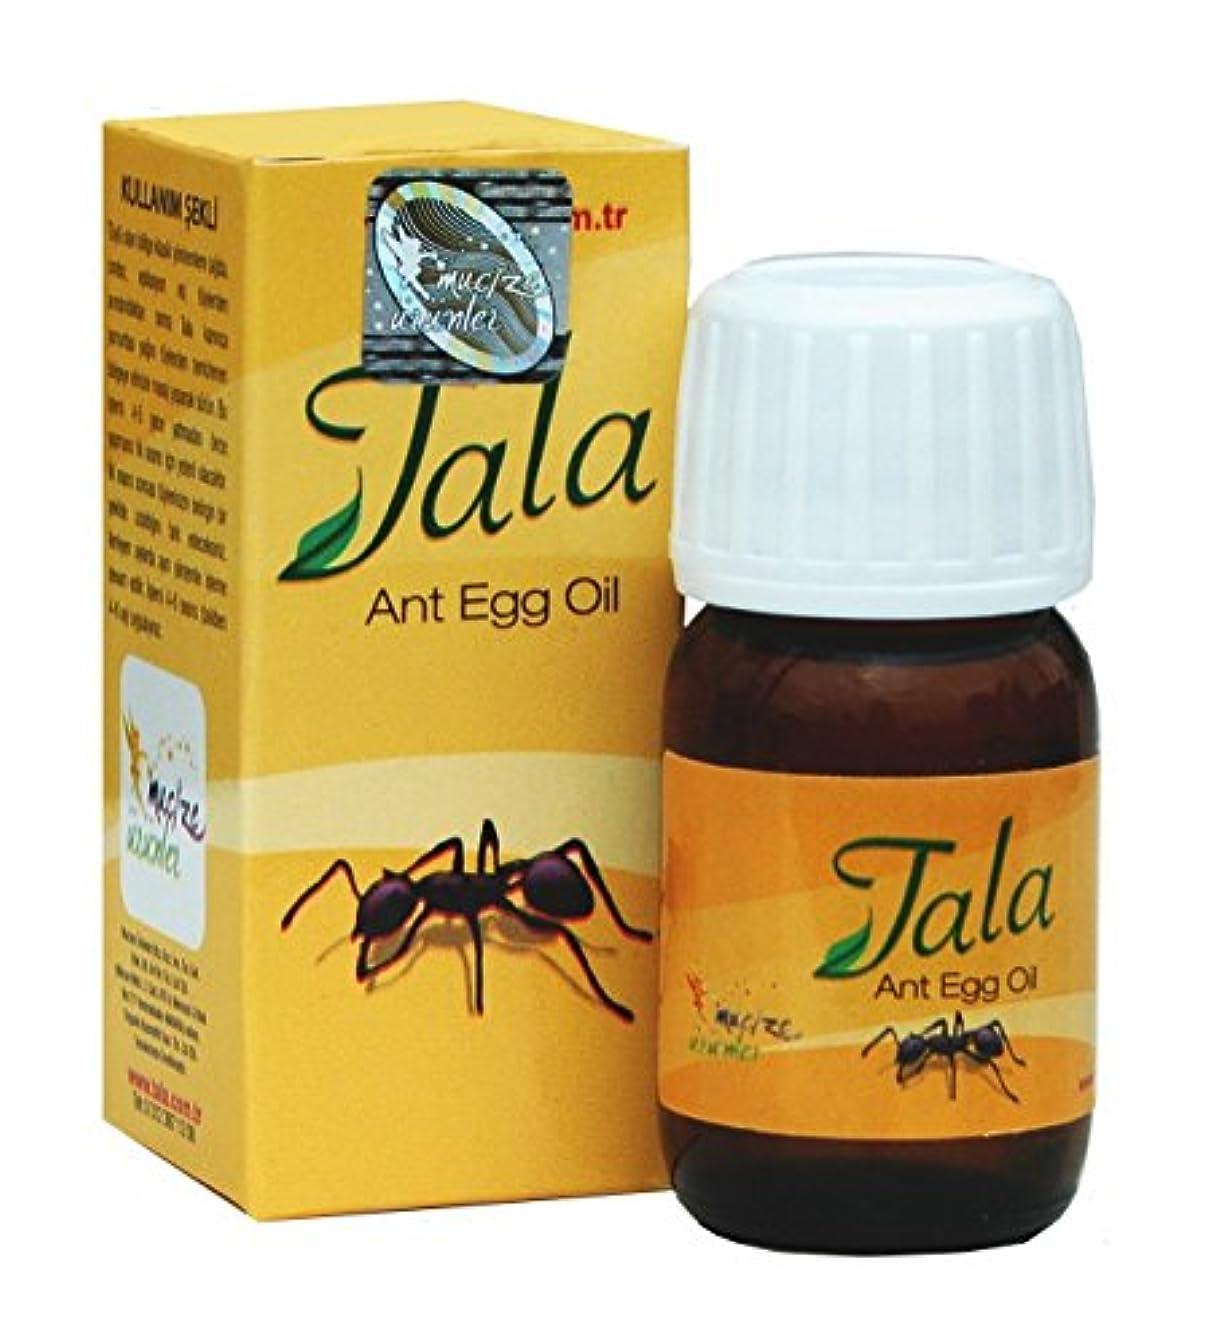 羨望クルーズピグマリオンTala Ant Egg Oil (アリ脱毛オイル) 20 ml [並行輸入品]